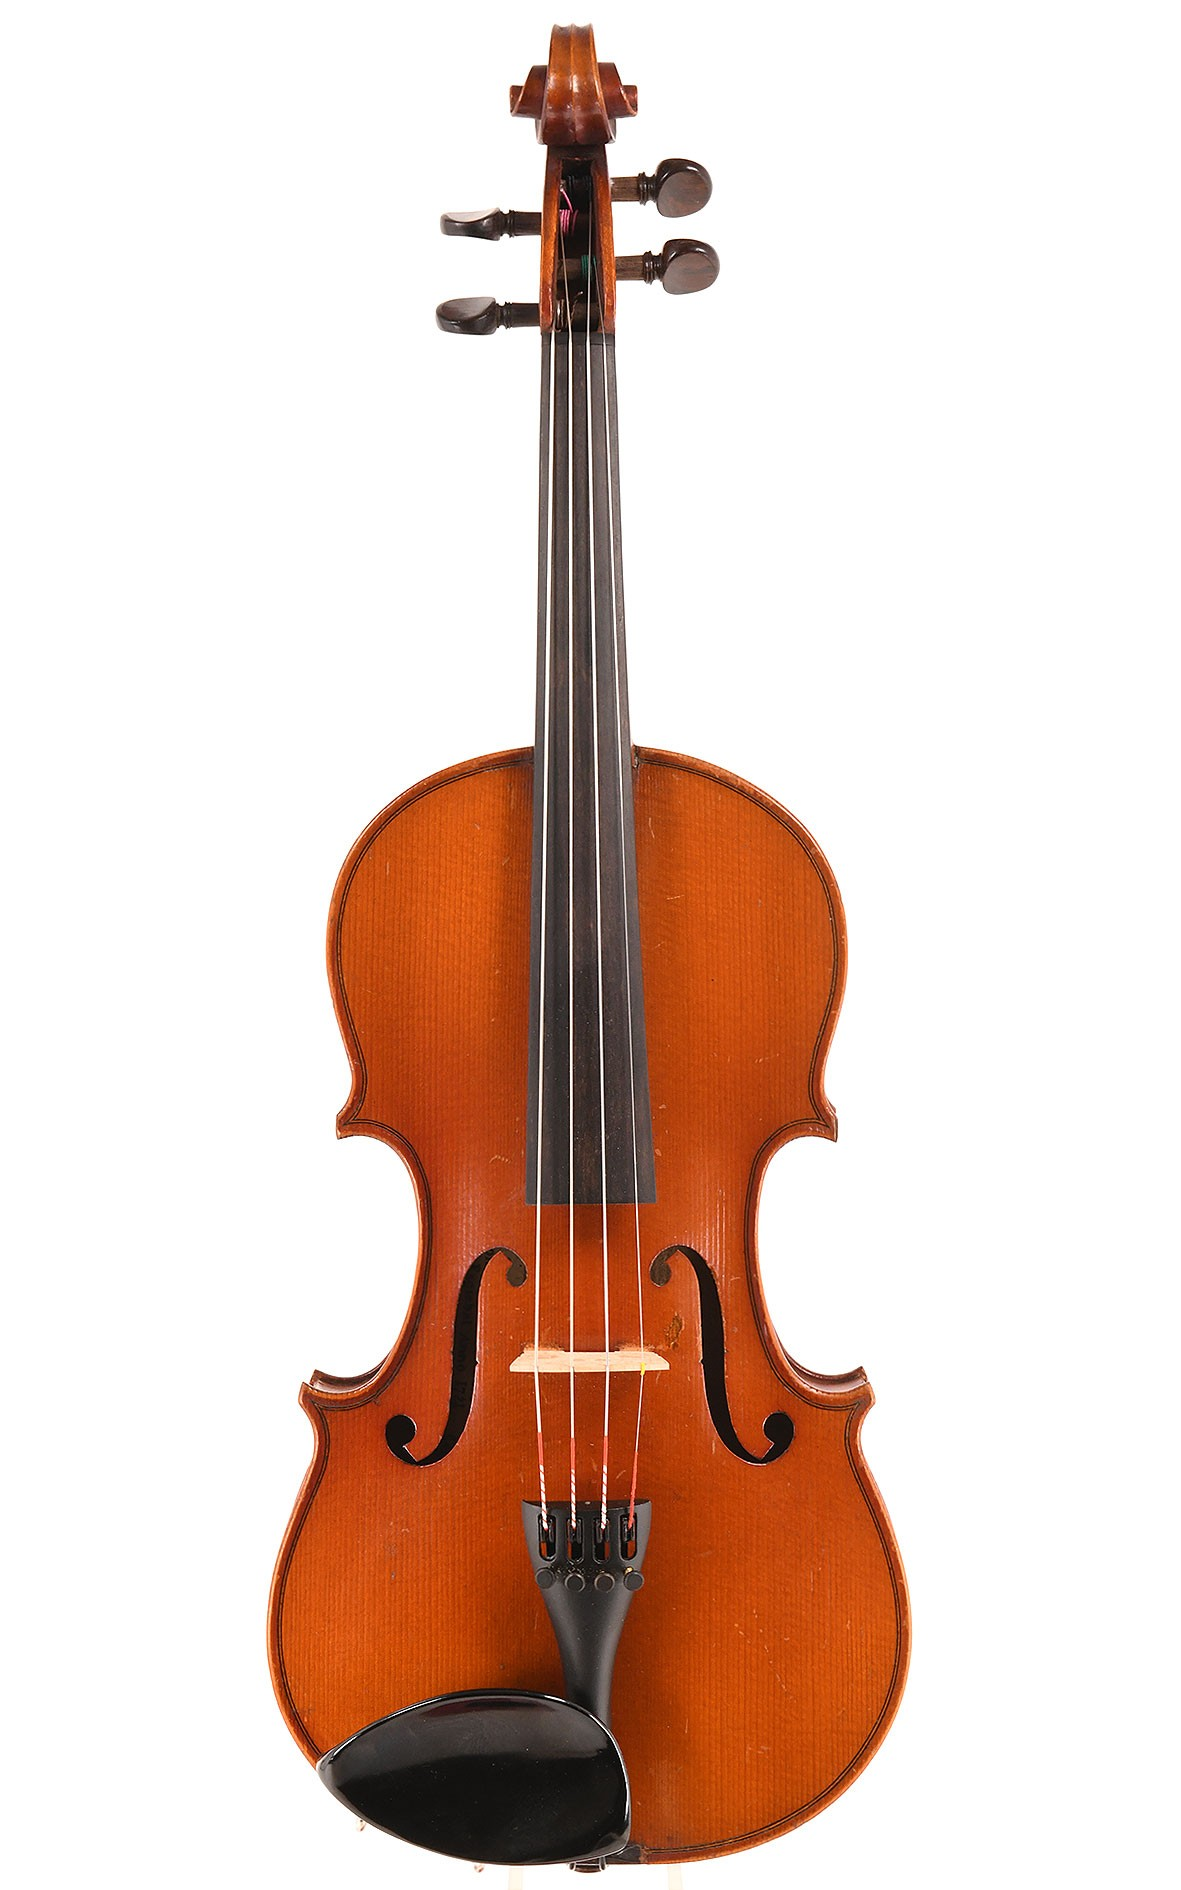 Antike Geige aus Mirecourt, Frankreich - gebaut von J.T.L.